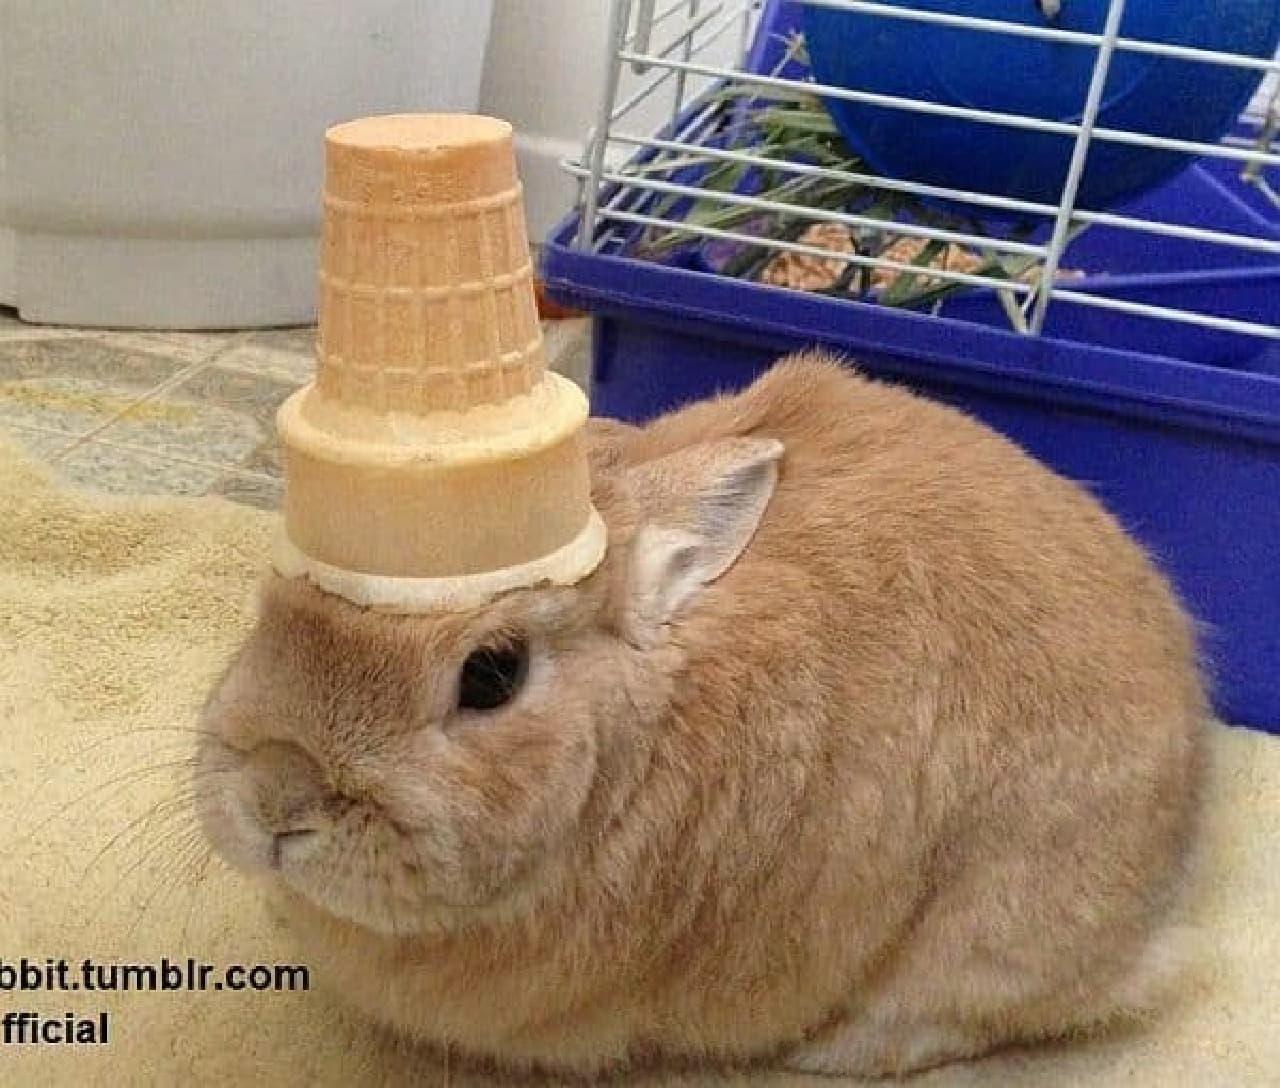 アイスクリームコーンものせてます  似合ってますね?